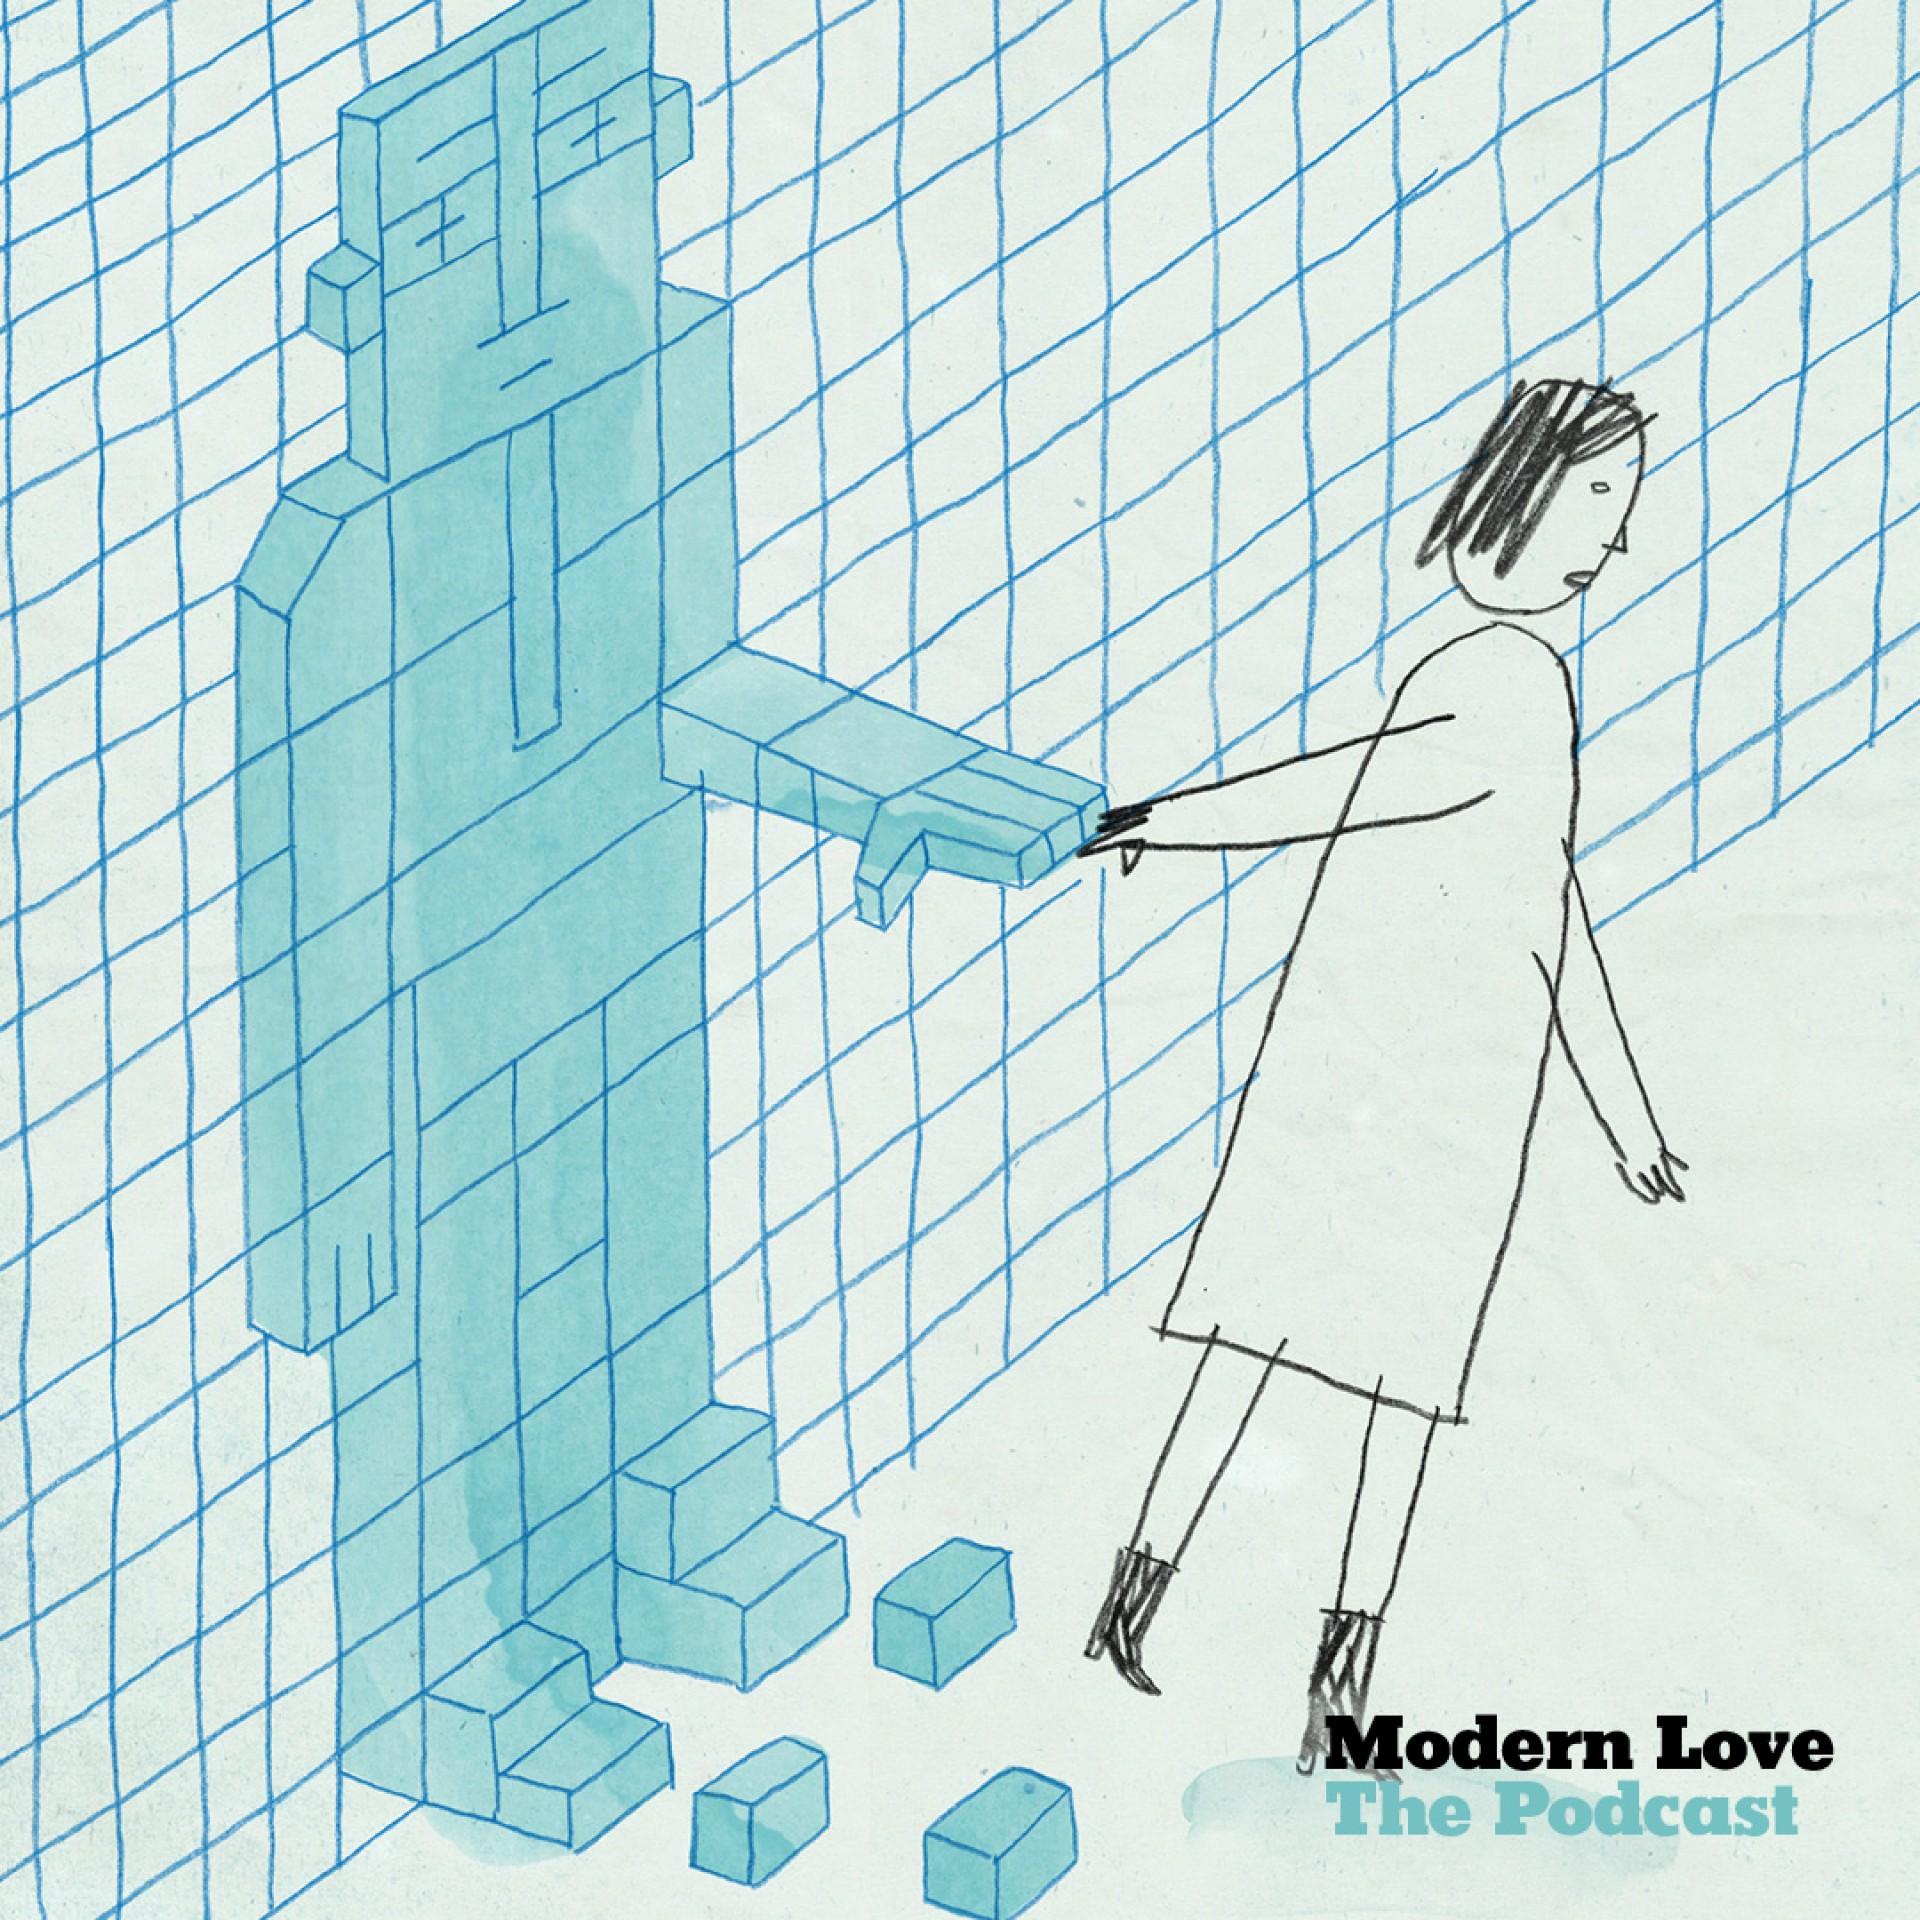 010 Modernlove 1080x1080 Instagram Dewey Copy Modern Love College Essay Contest Impressive 2016 1920